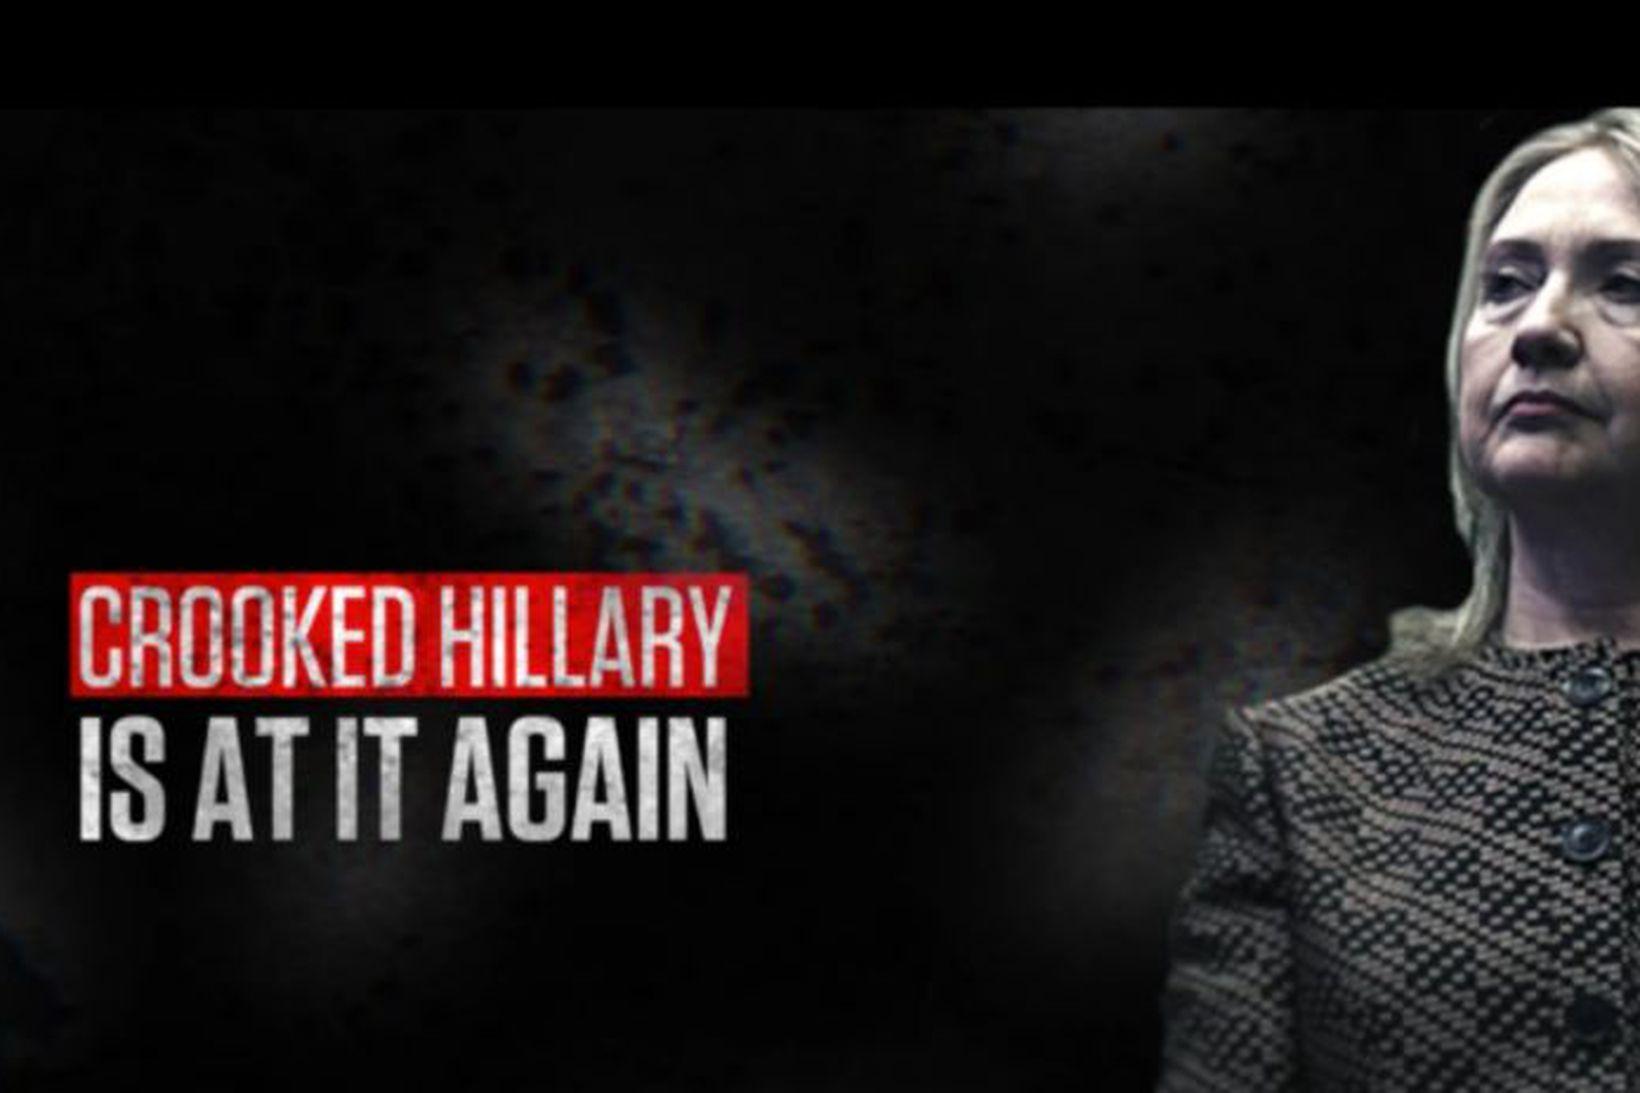 Auglýsingum um gjörspilla Hillary var dreift í gríð og erg …